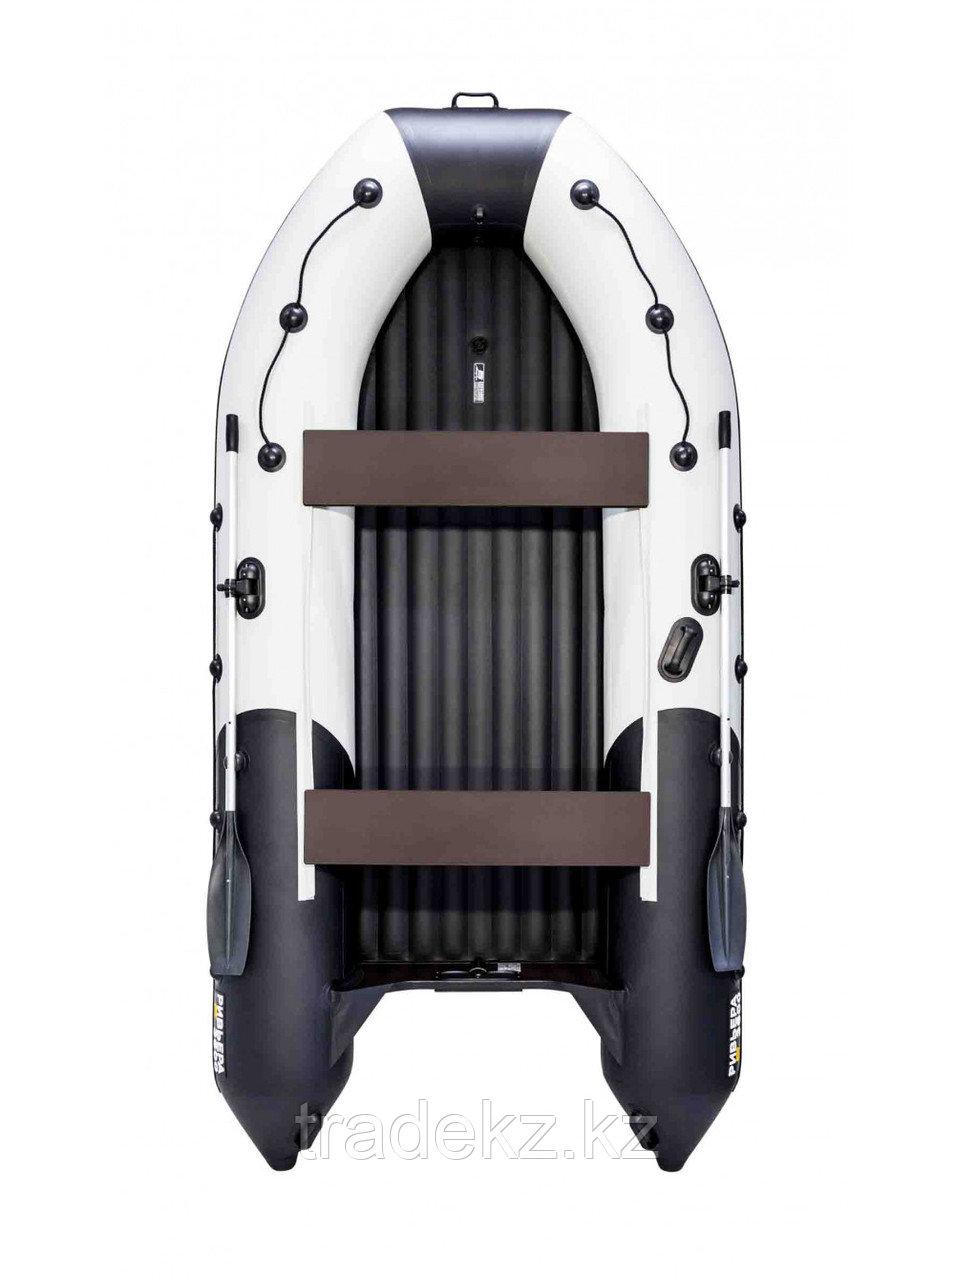 Лодка ПВХ Ривьера 3600 Килевое НД светло-серый/черный